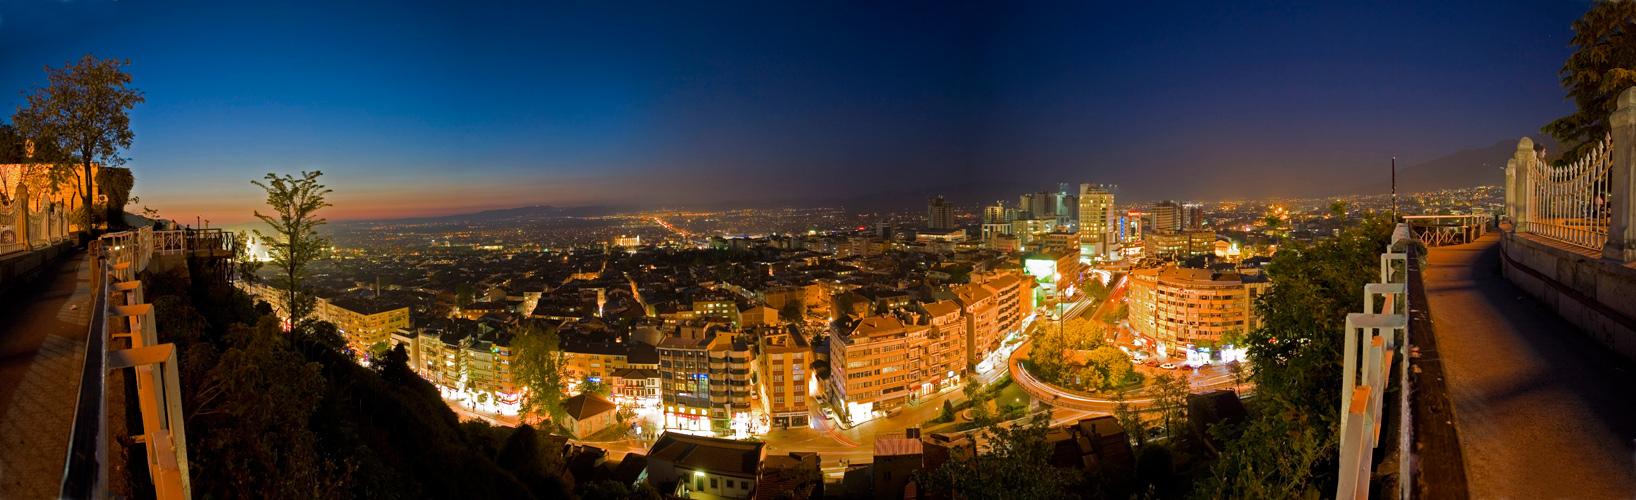 Bursa bei Nacht 2